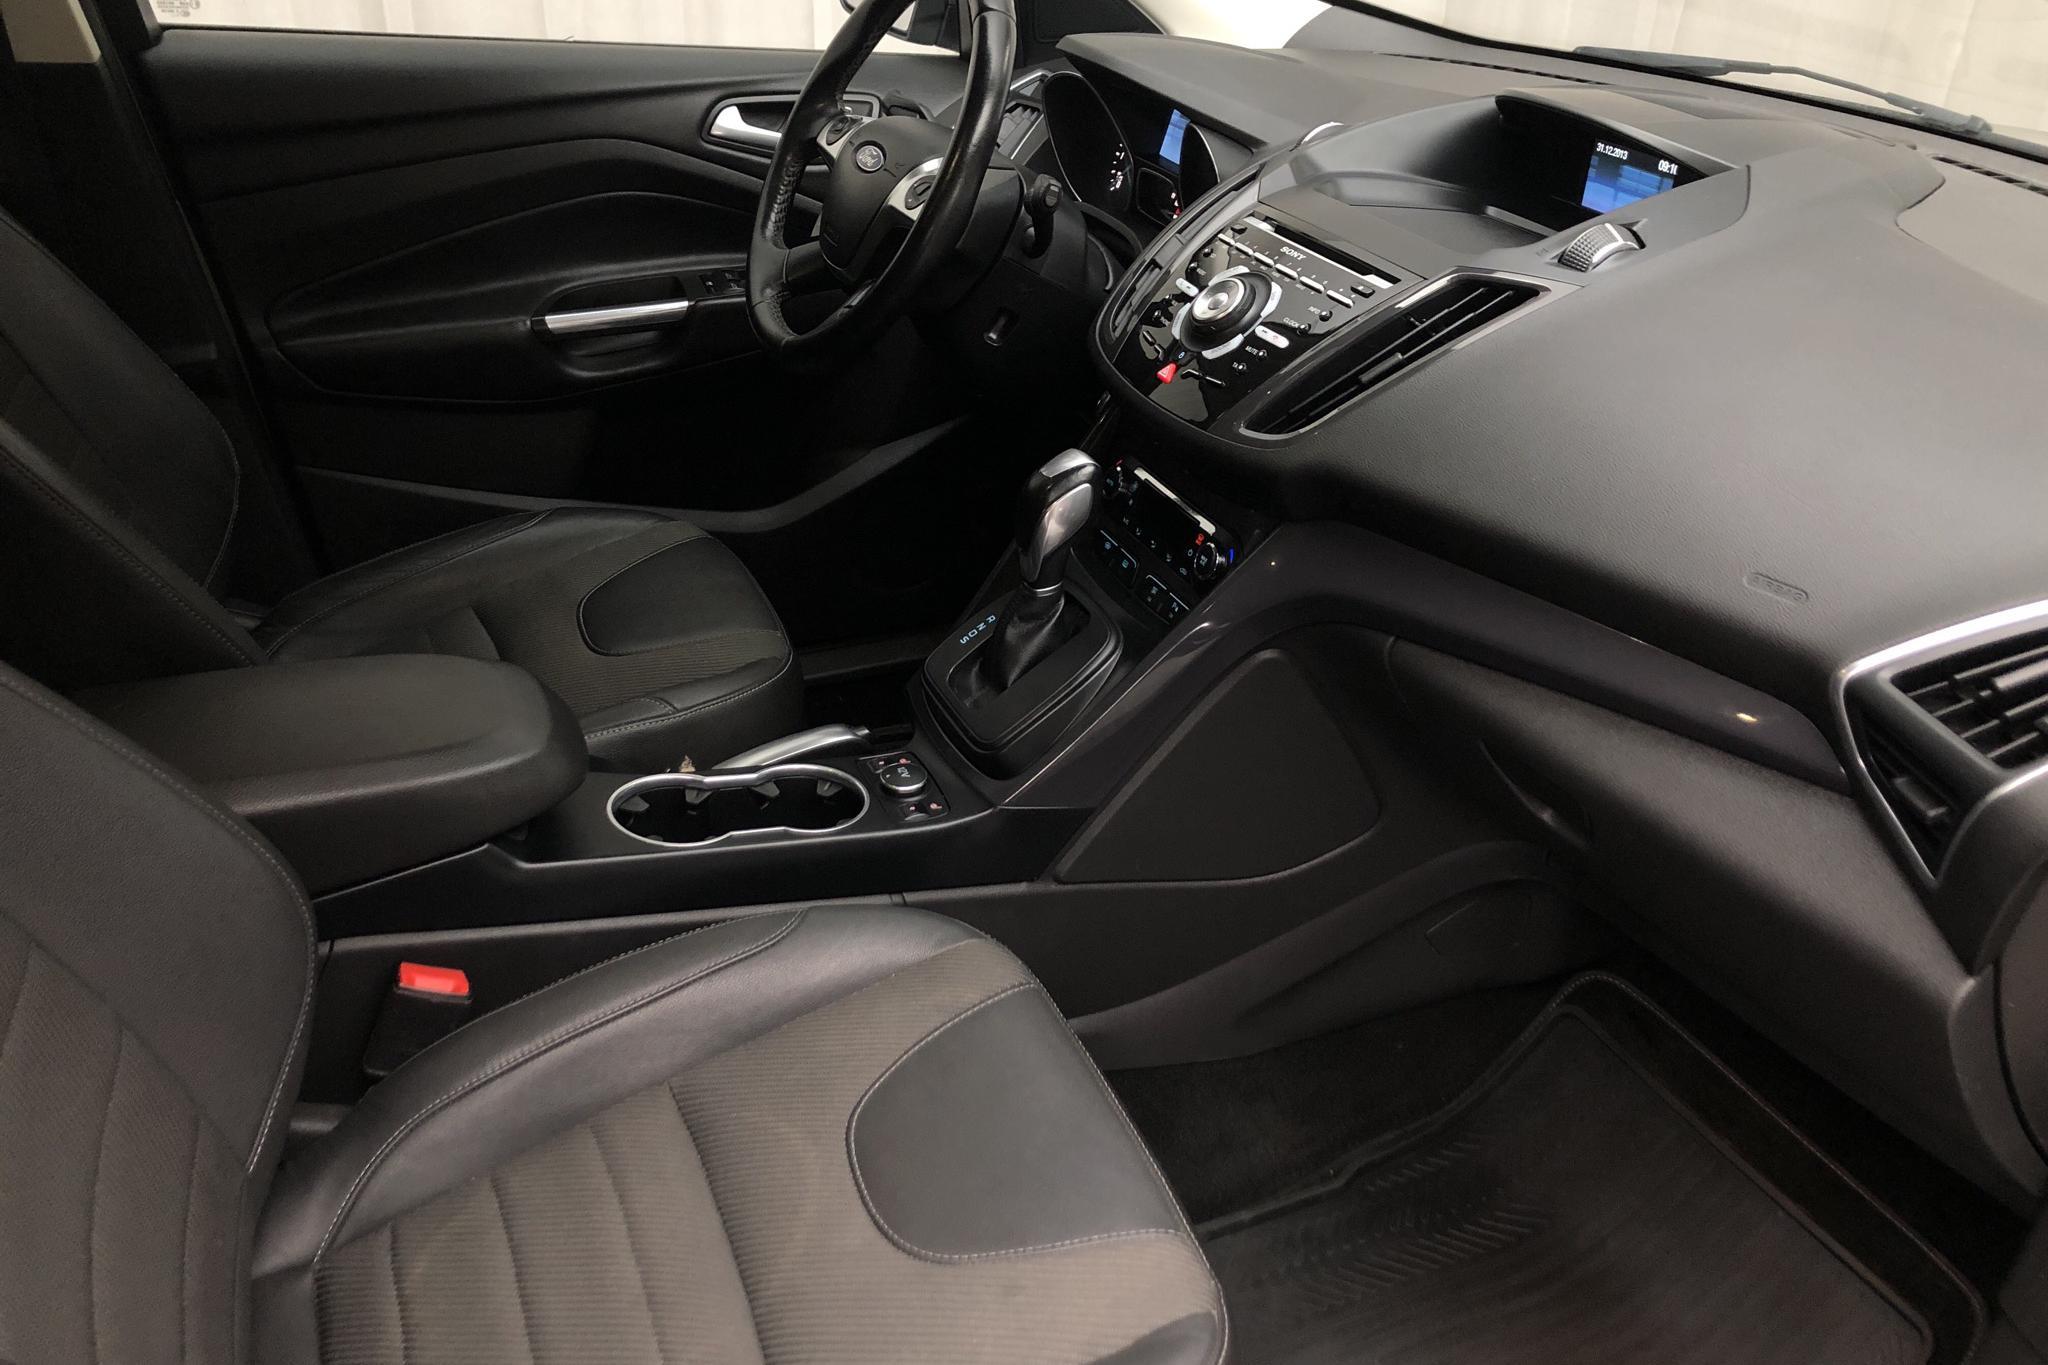 Ford Kuga 2.0 TDCi 4WD (140hk) - 18 076 mil - Automat - grön - 2014